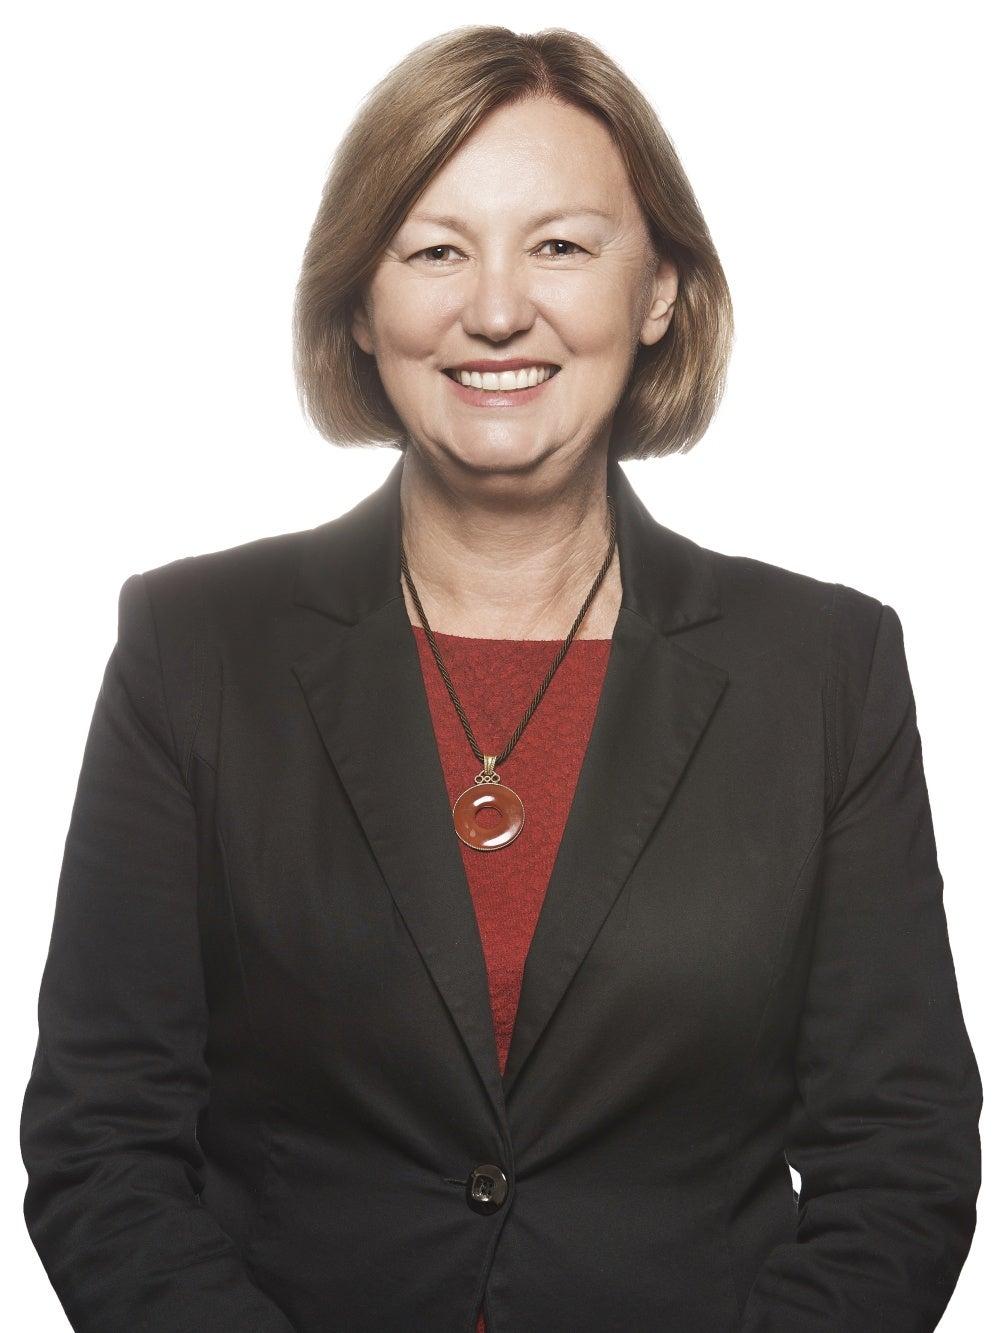 Lyn Nicholson